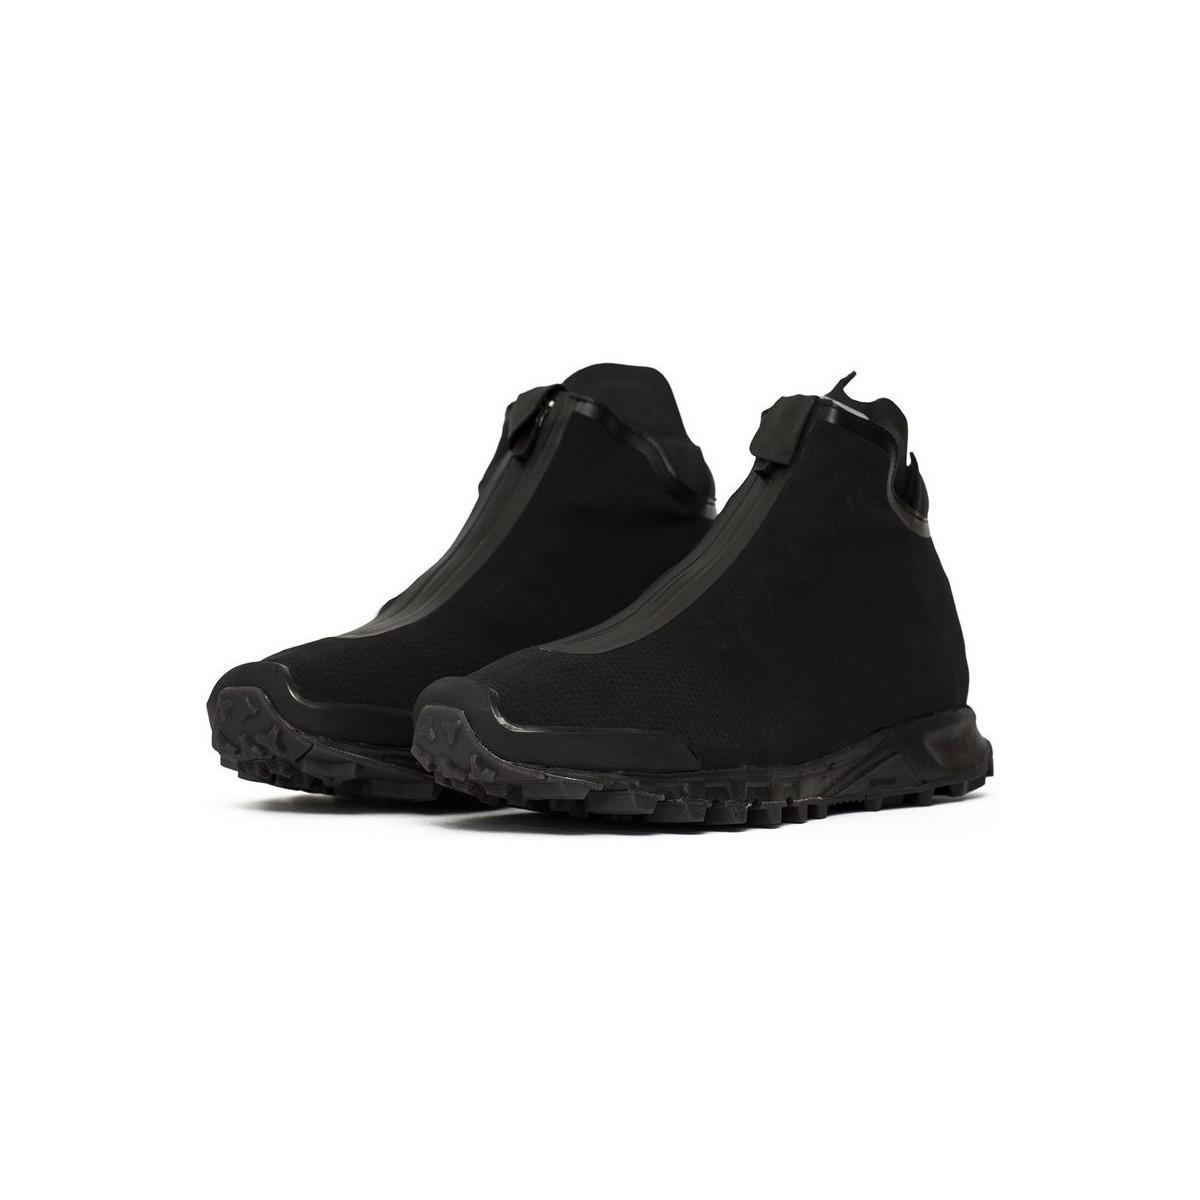 703aaff61 Reebok X Cottweiler Desert Hi Men s Shoes (high-top Trainers) In ...